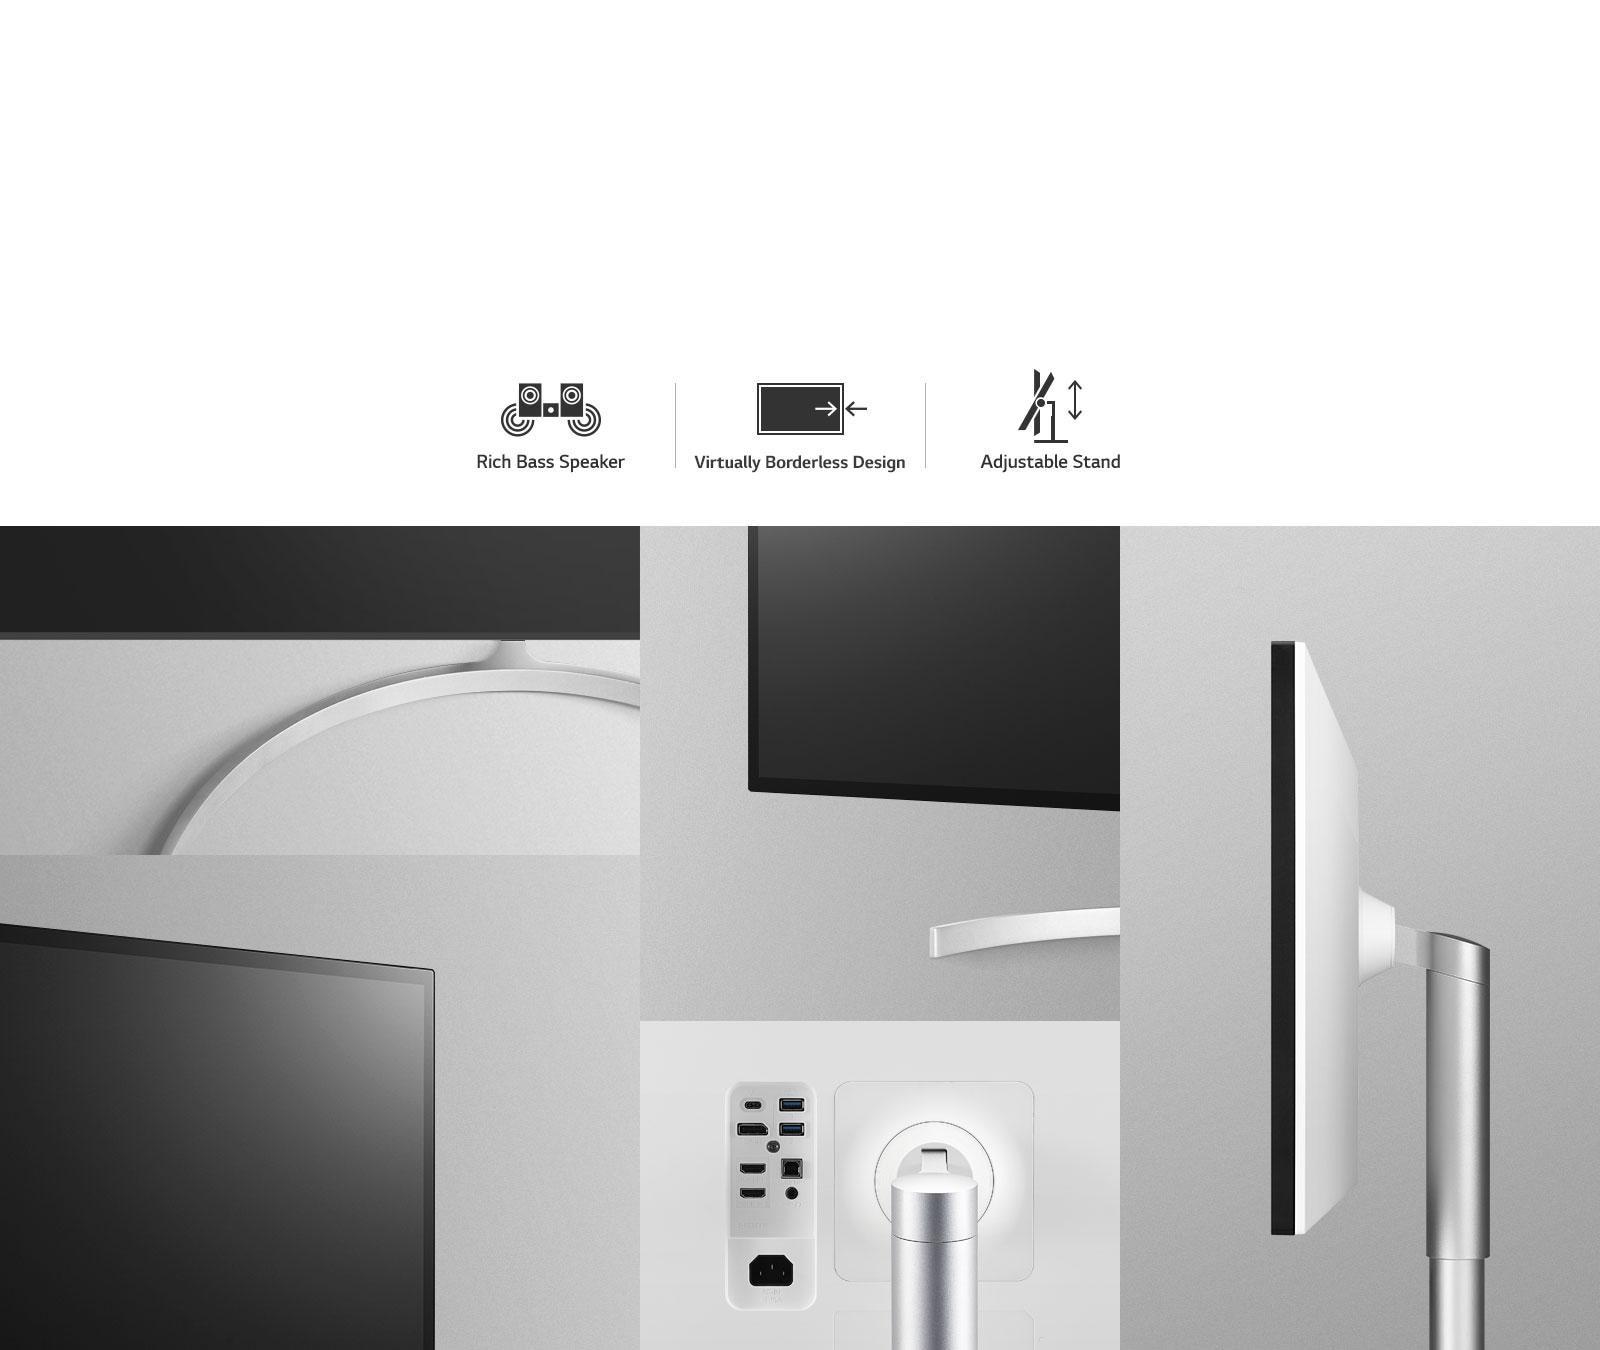 Global_34WK95U_2018_Feature_12_Design_D_v5